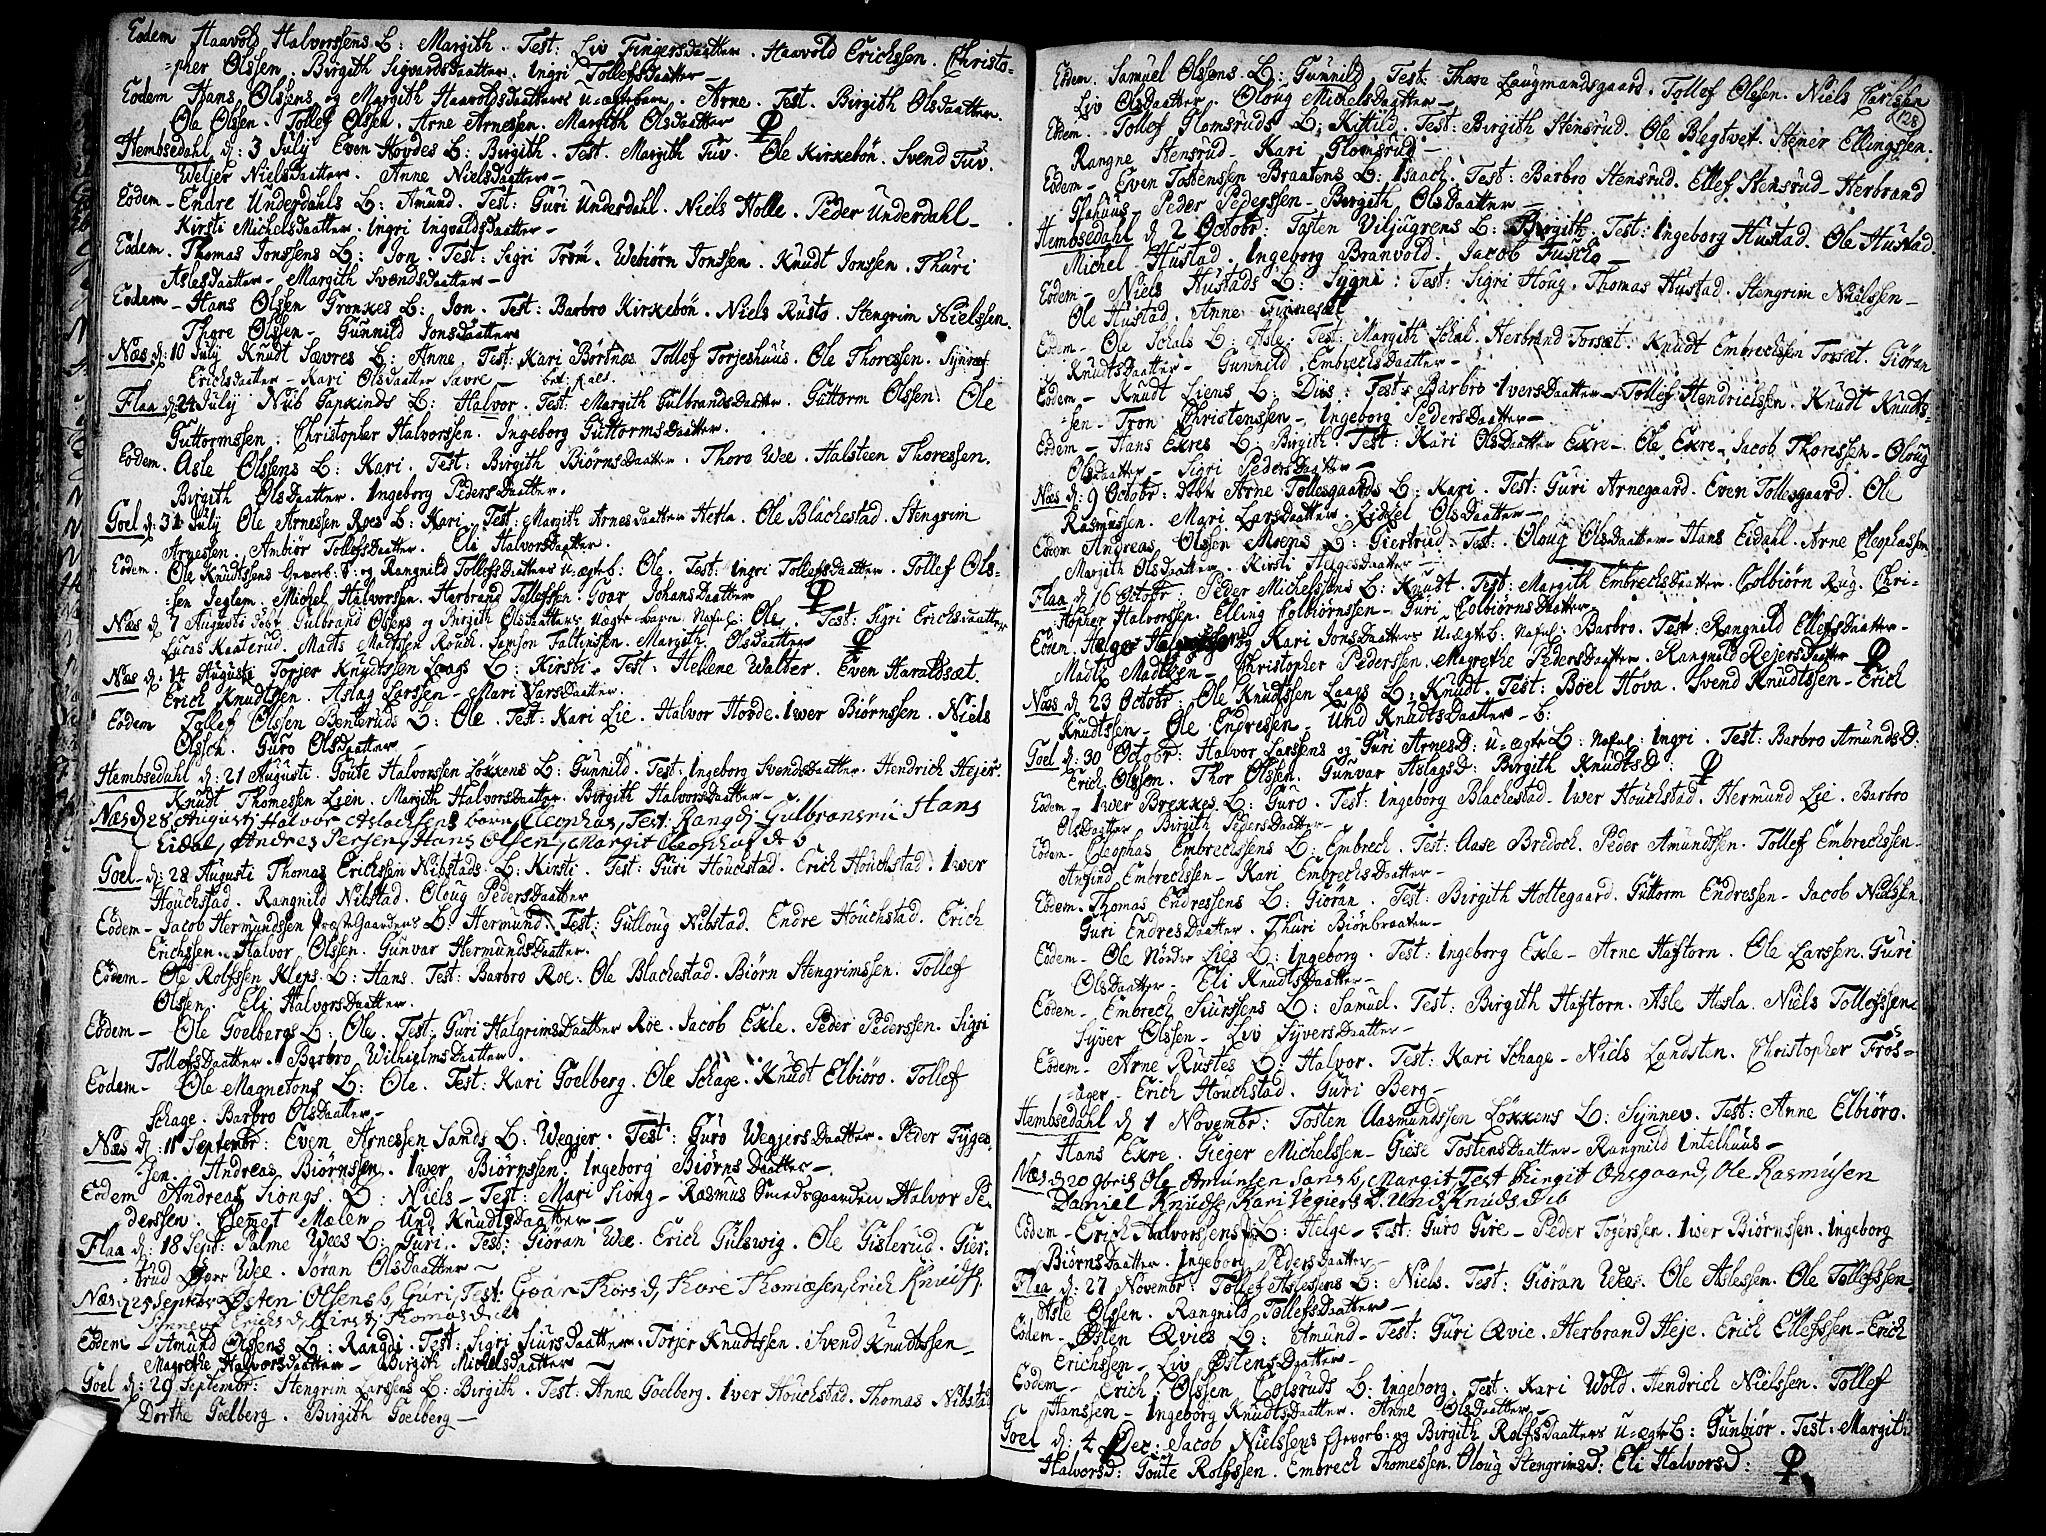 SAKO, Nes kirkebøker, F/Fa/L0002: Ministerialbok nr. 2, 1707-1759, s. 128